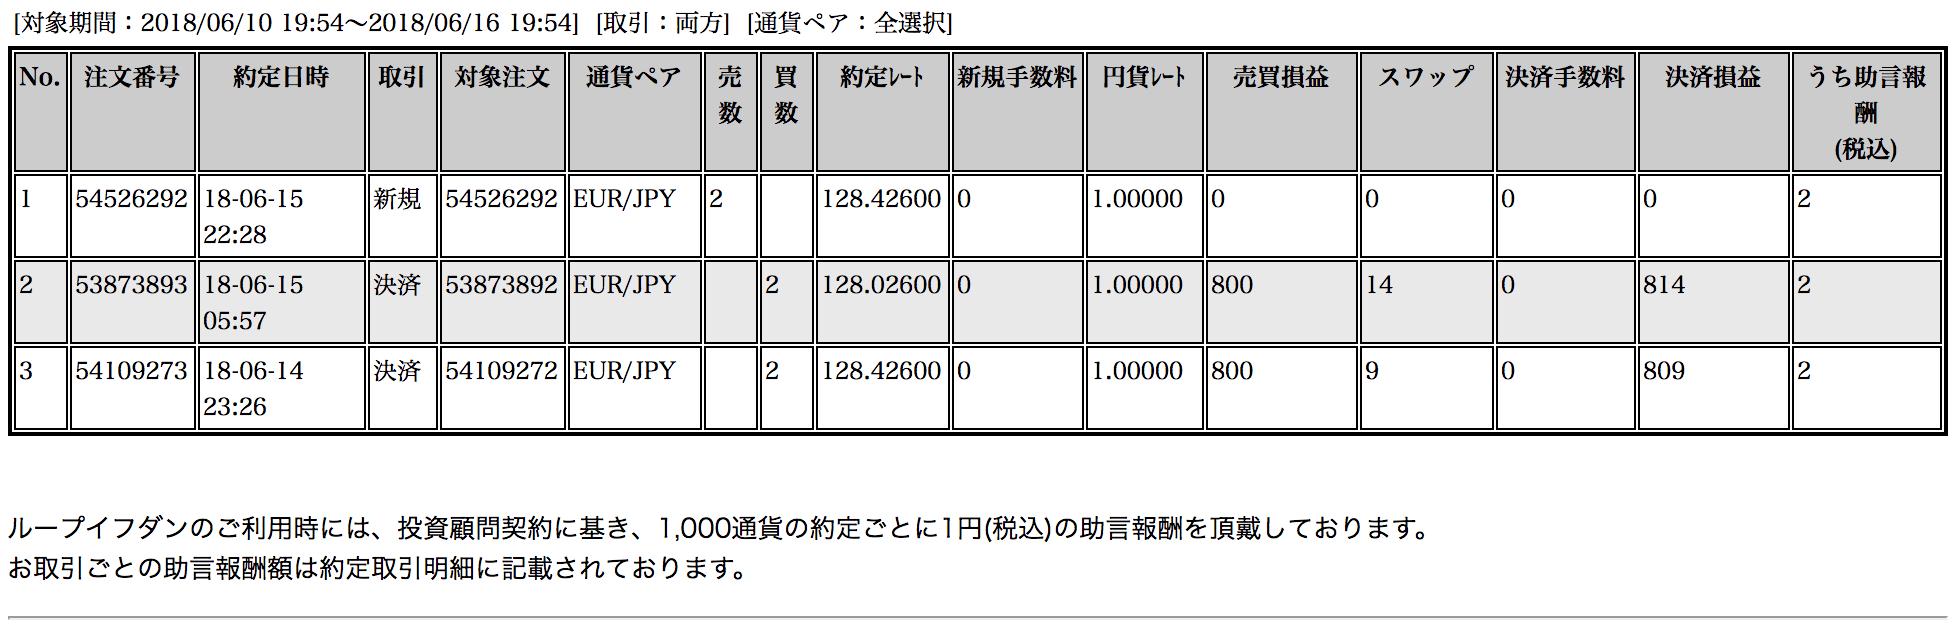 【自動売買】ゆきママも運用中の「シストレ24」とは?最大23,000円キャッシュバック!【期間延長】